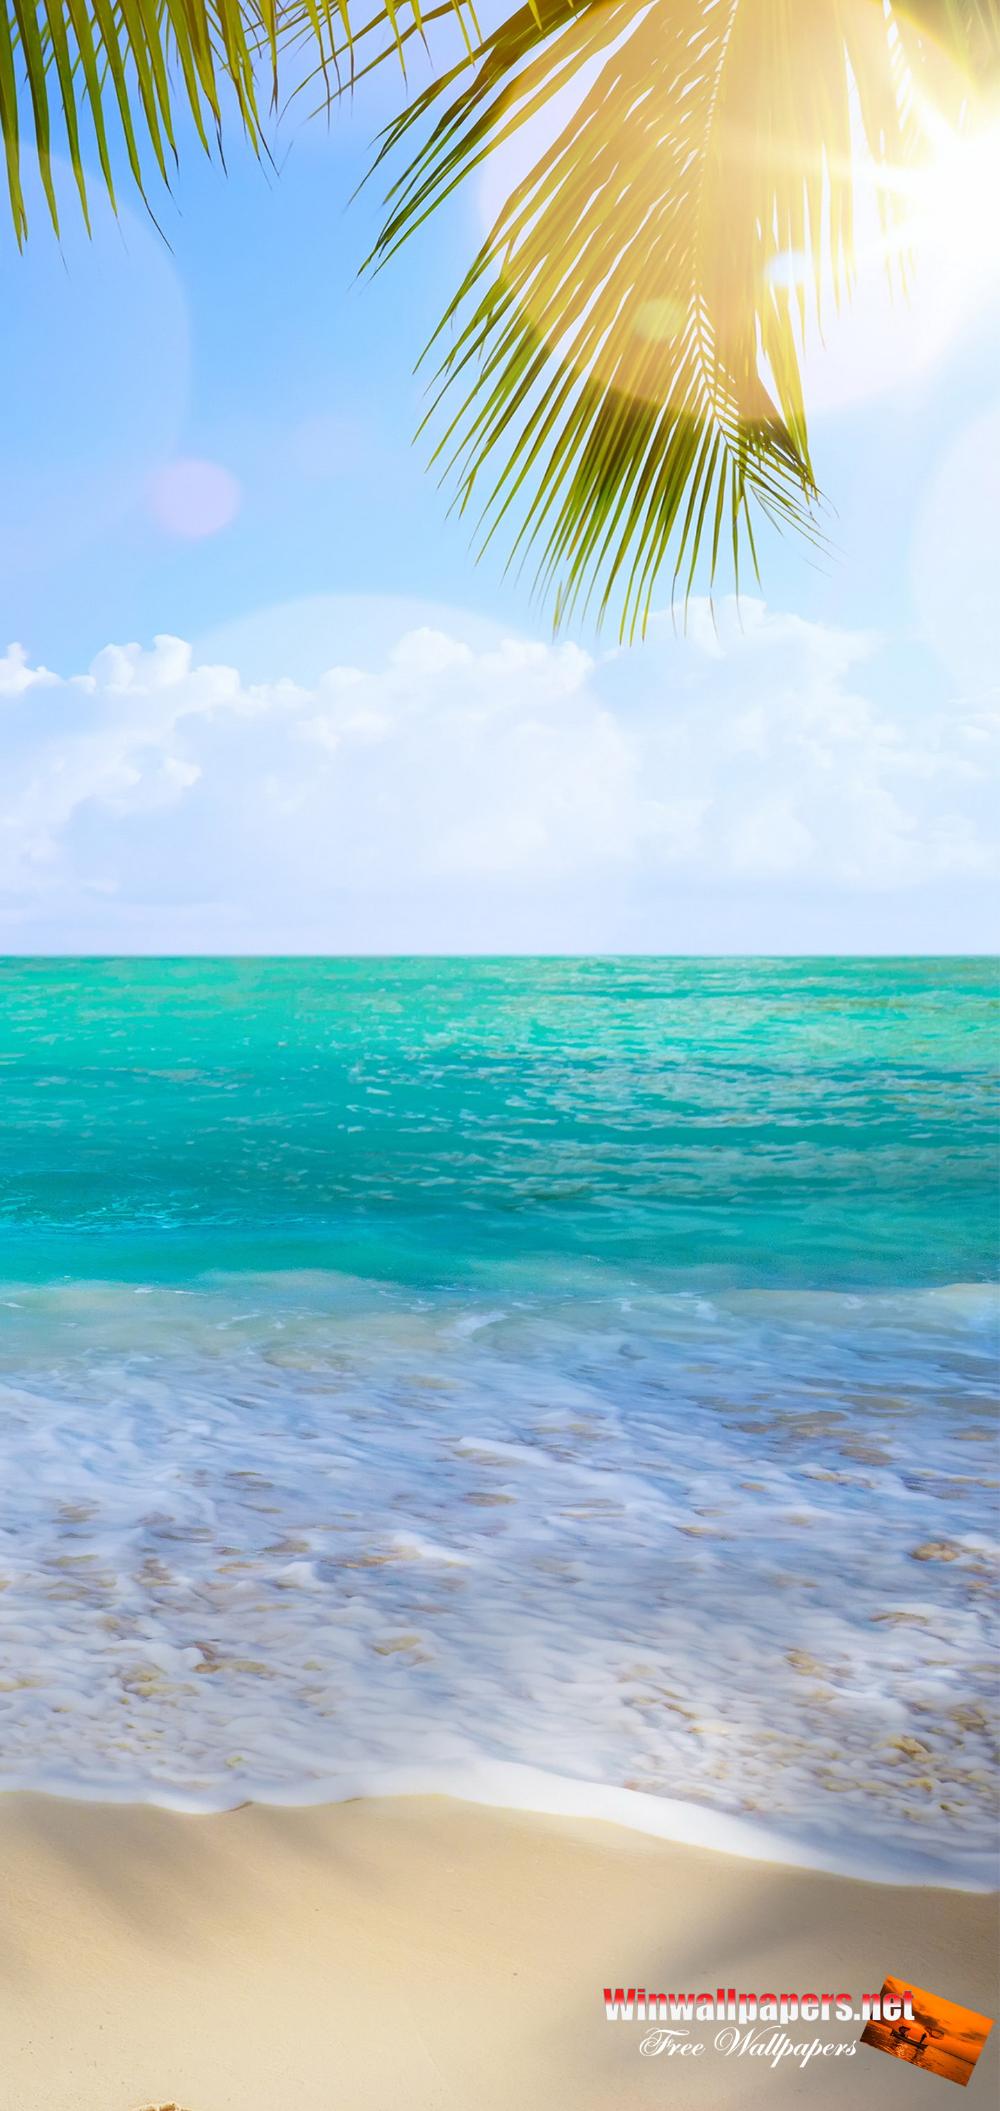 Samsung Galaxy S9 Summer Backgrounds Google Search Waves Wallpaper Landscape Wallpaper Beach Wallpaper